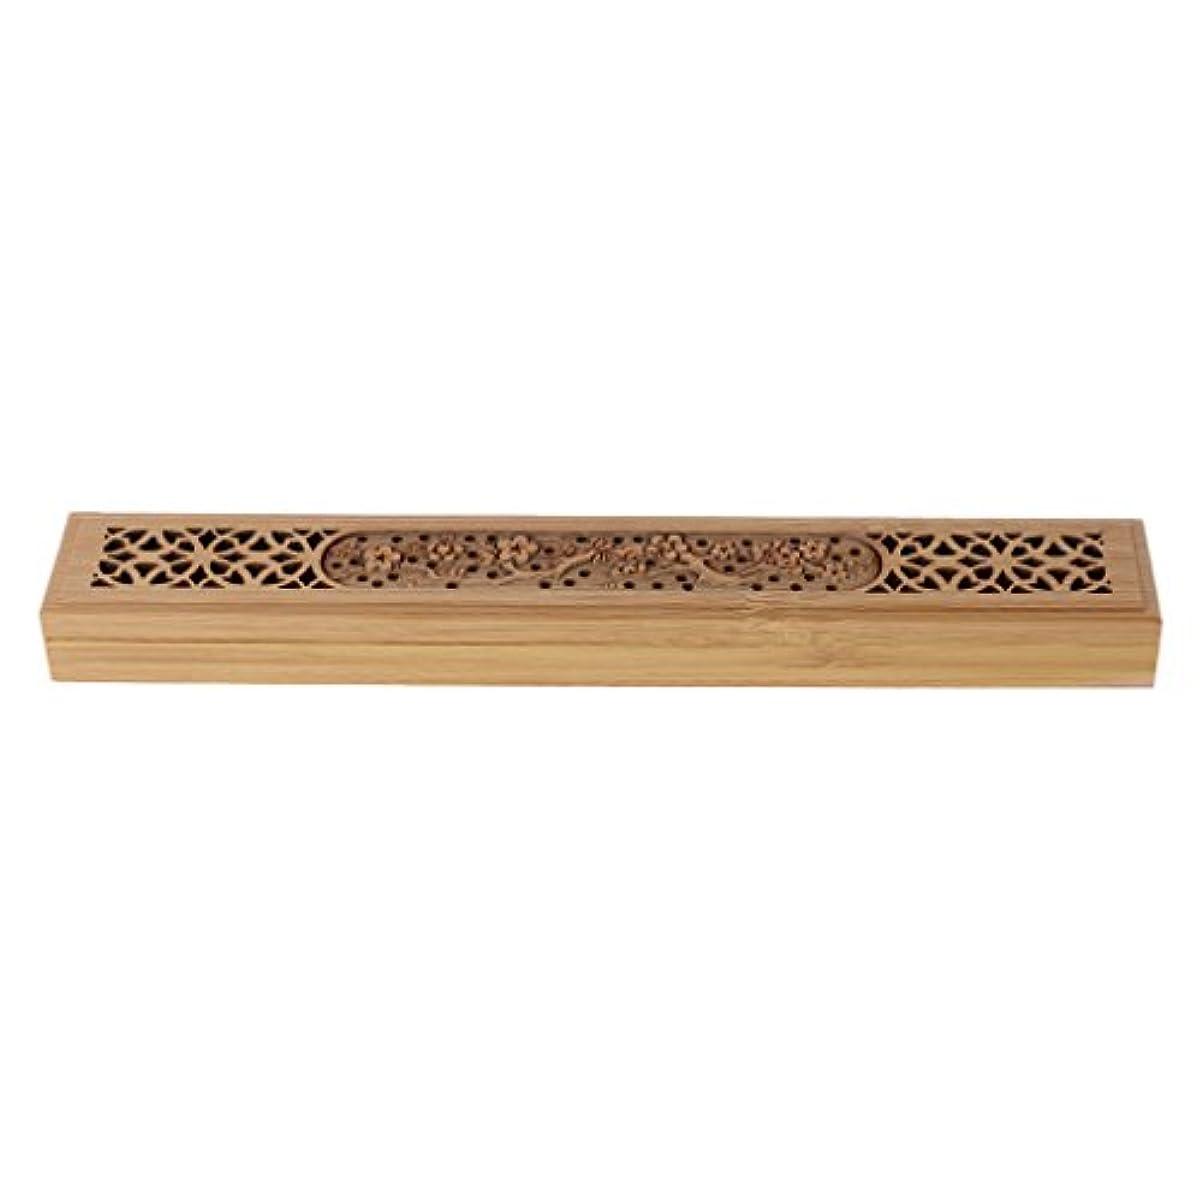 誠実さ留まる最初SimpleLife 木製の香炉バーナーレトロな手彫り中空のジョス棒の香りホルダーボックス